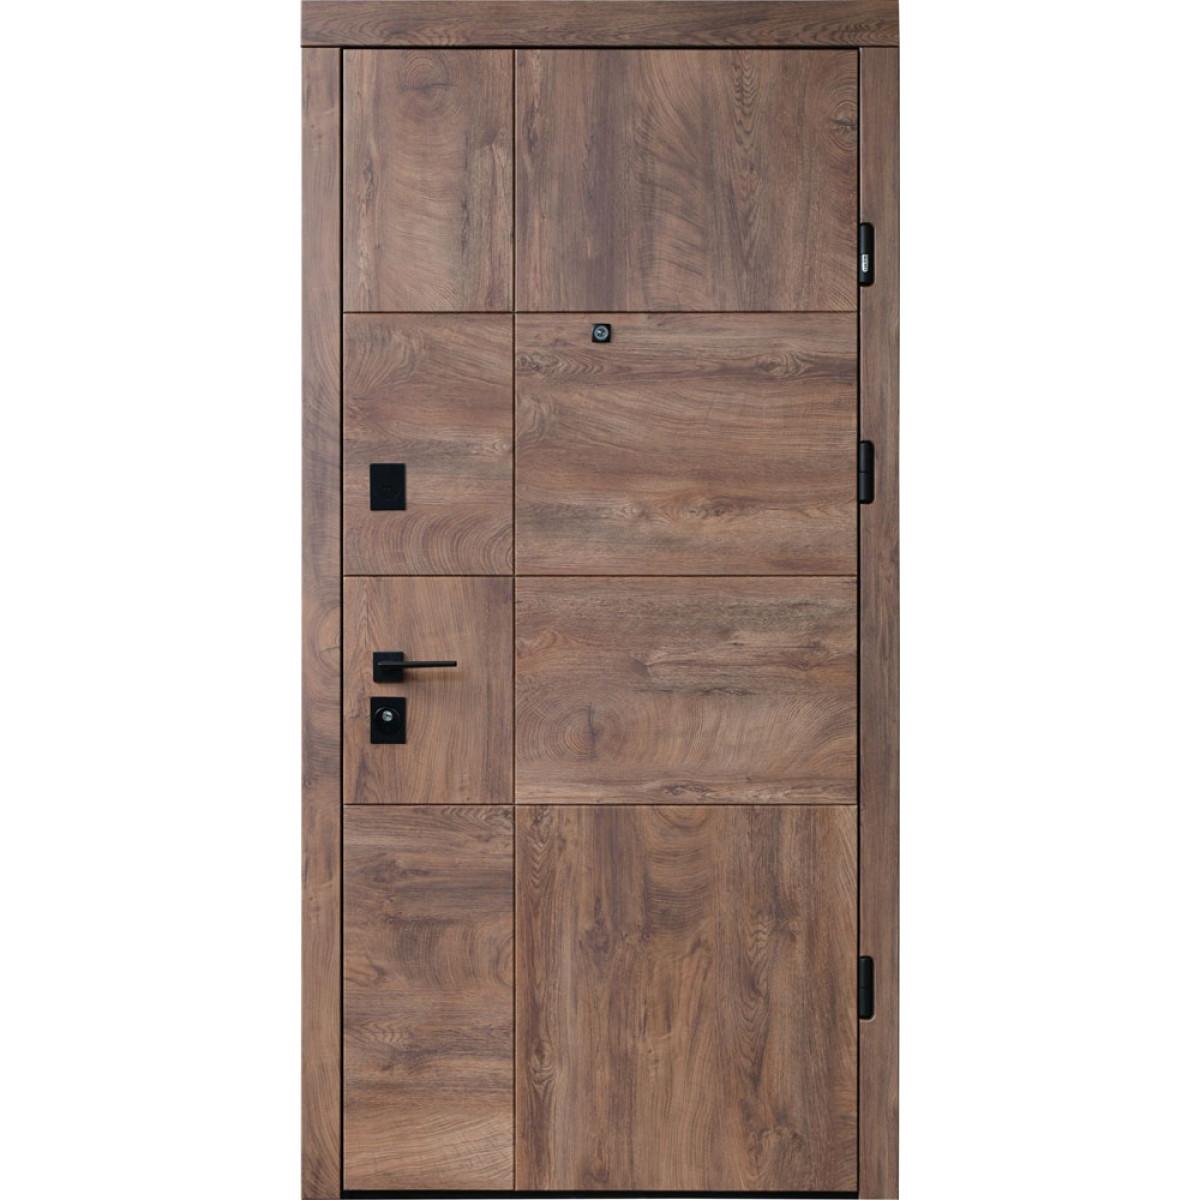 Входная дверь Straj LUX Standart Mottura Terra Z New Спил дерева коньячный